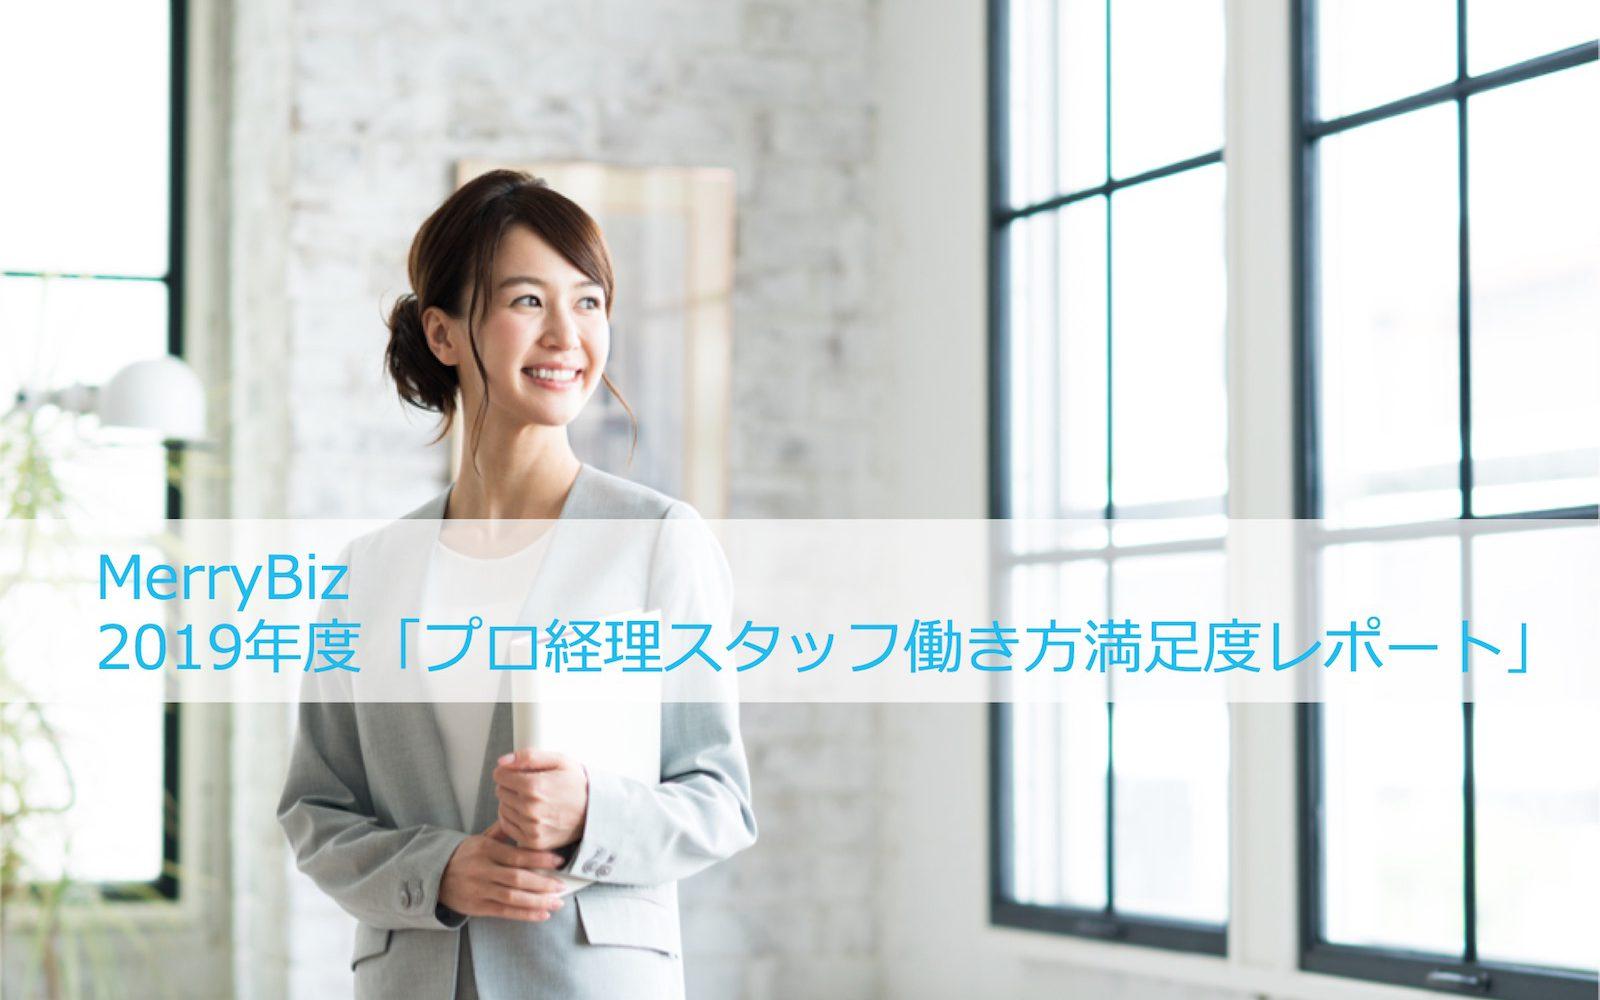 副業・フ2019年度プロ経理スタッフ働き方満足度レポート